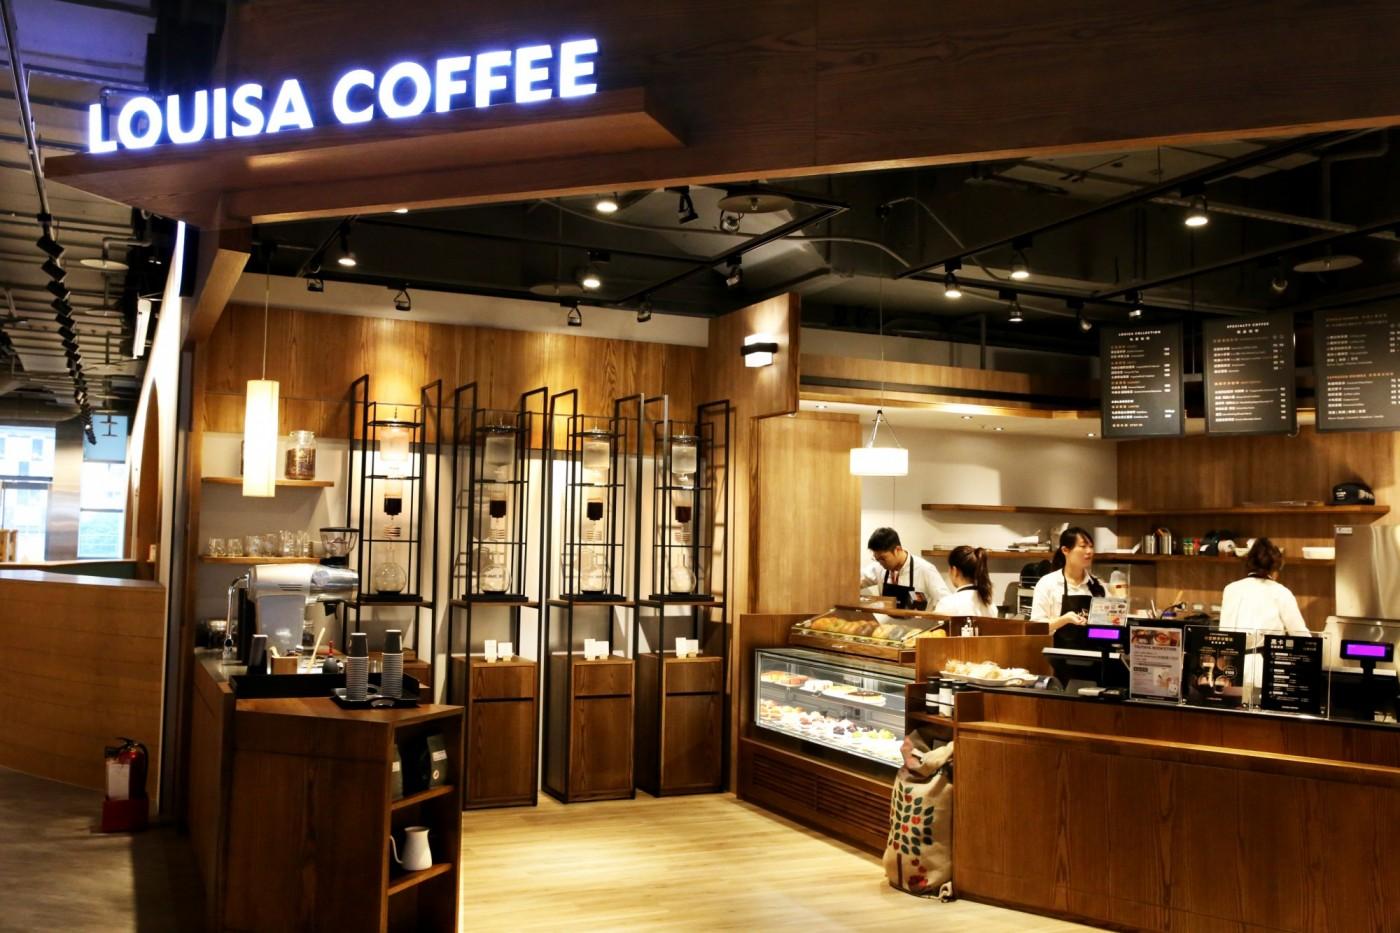 路易莎進駐蔦屋書店!3大連鎖咖啡品牌都拚特色門市,分別出了哪些招?